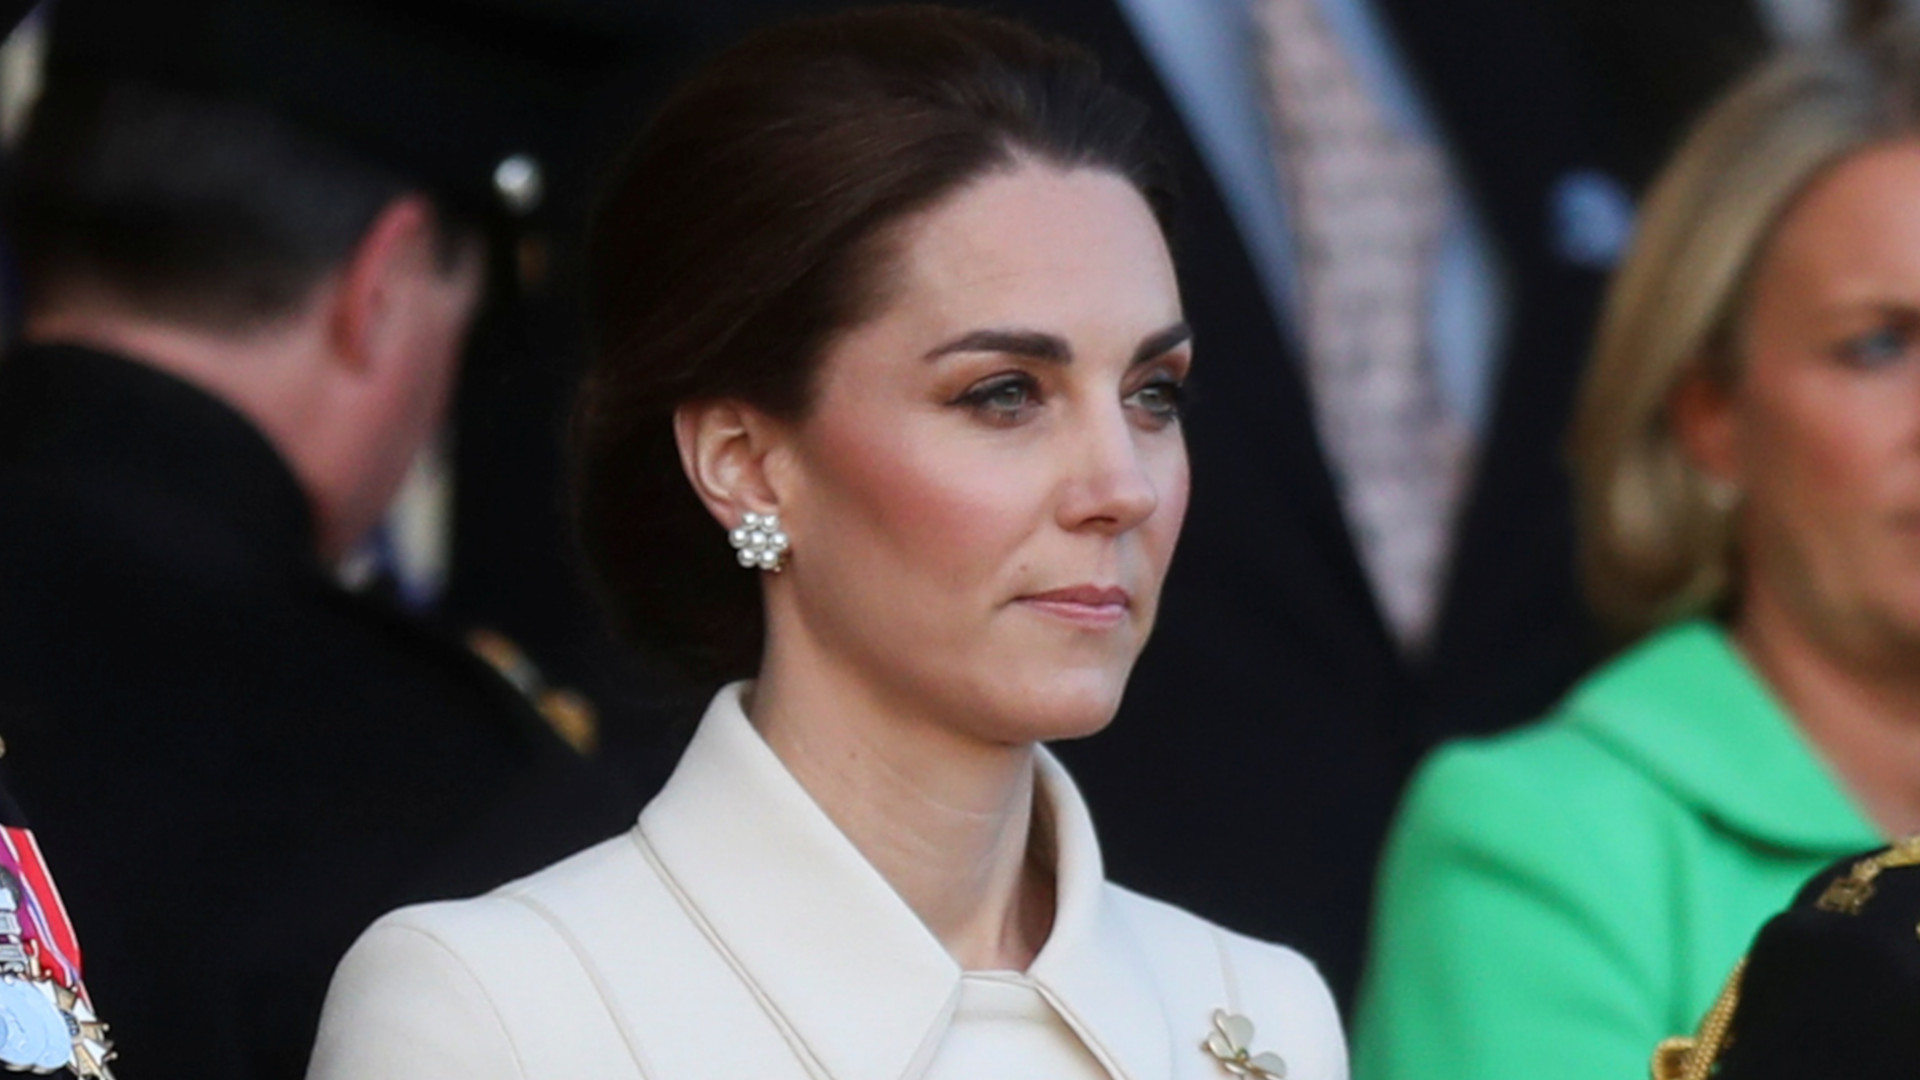 Gołym okiem widać, że u księżnej Kate nie jest wszystko w porządku? (ZDJĘCIA)